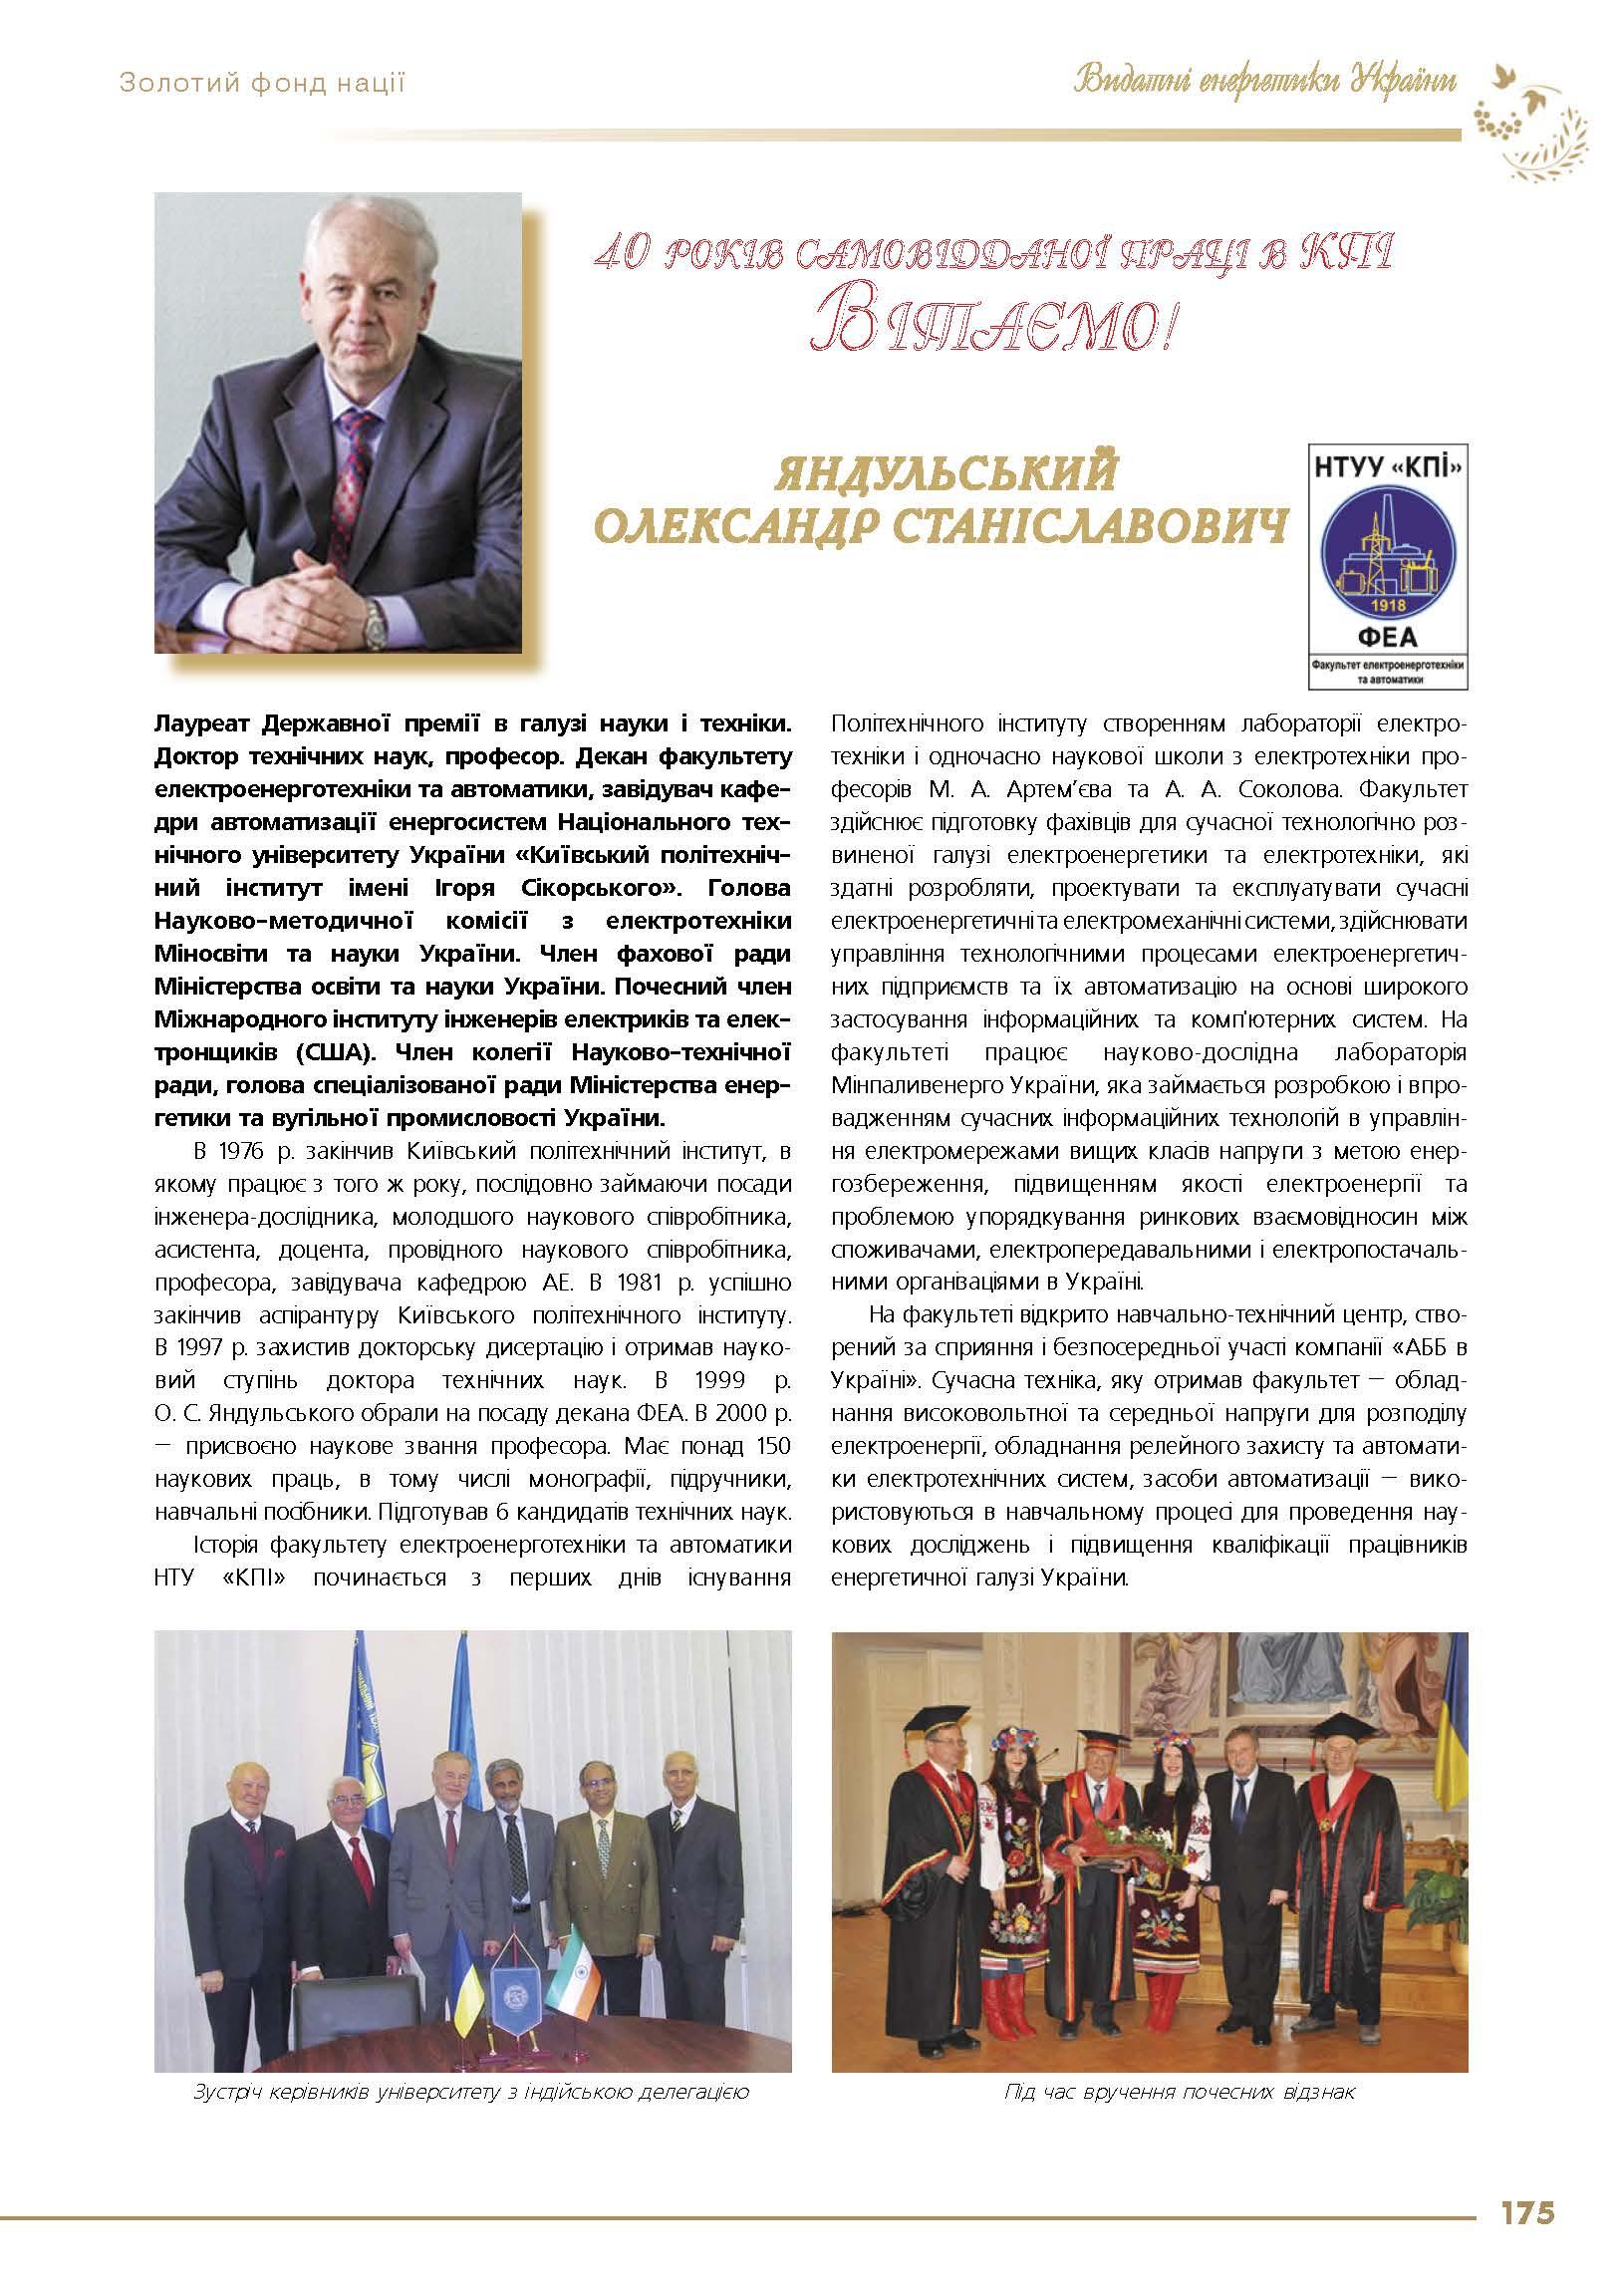 Яндульський Олександр Станіславович